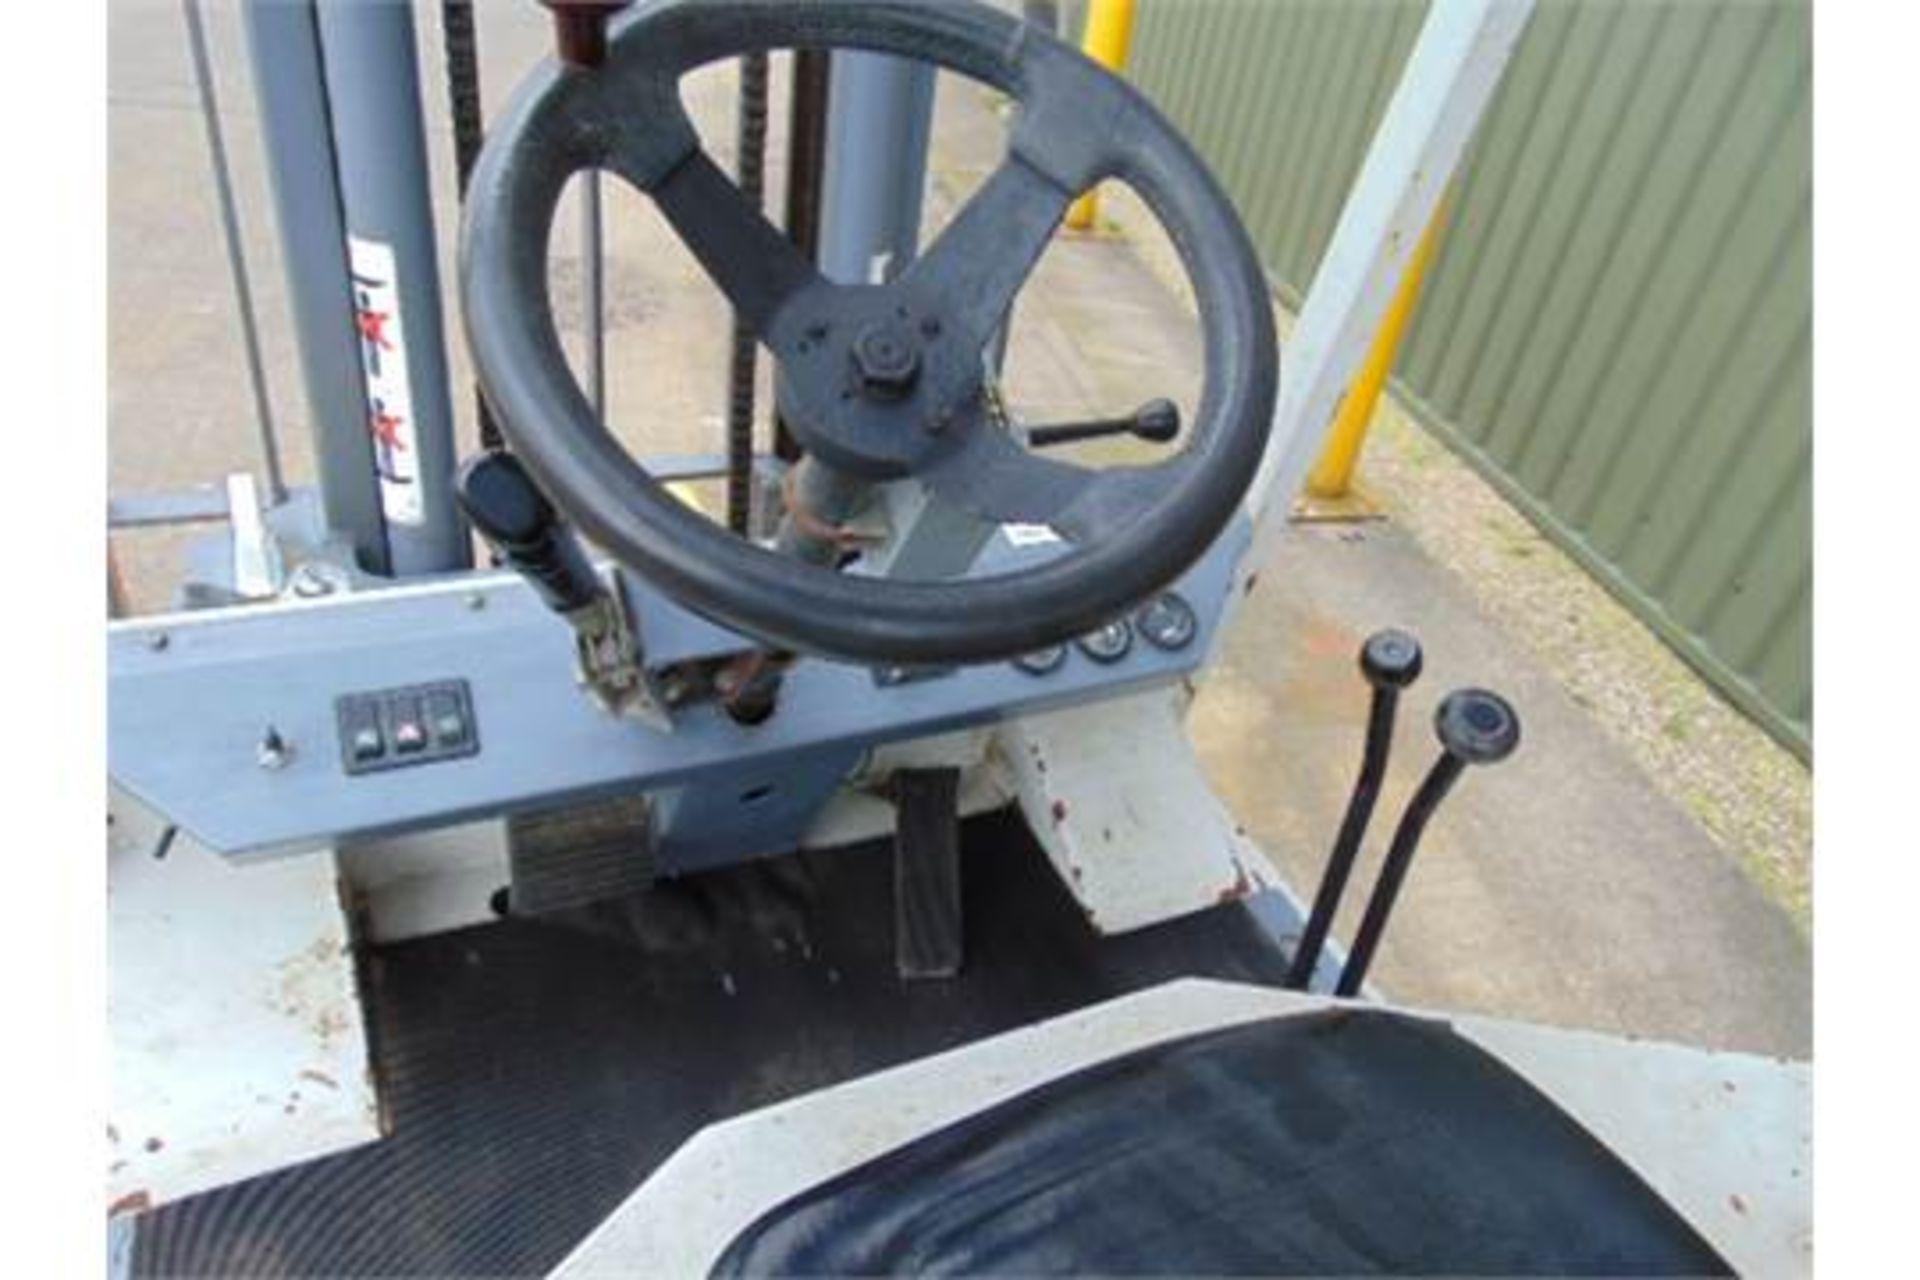 Lot 17 - Kalmar 1814KG Perkins Diesel Forklift Truck ONLY 209 HRS!